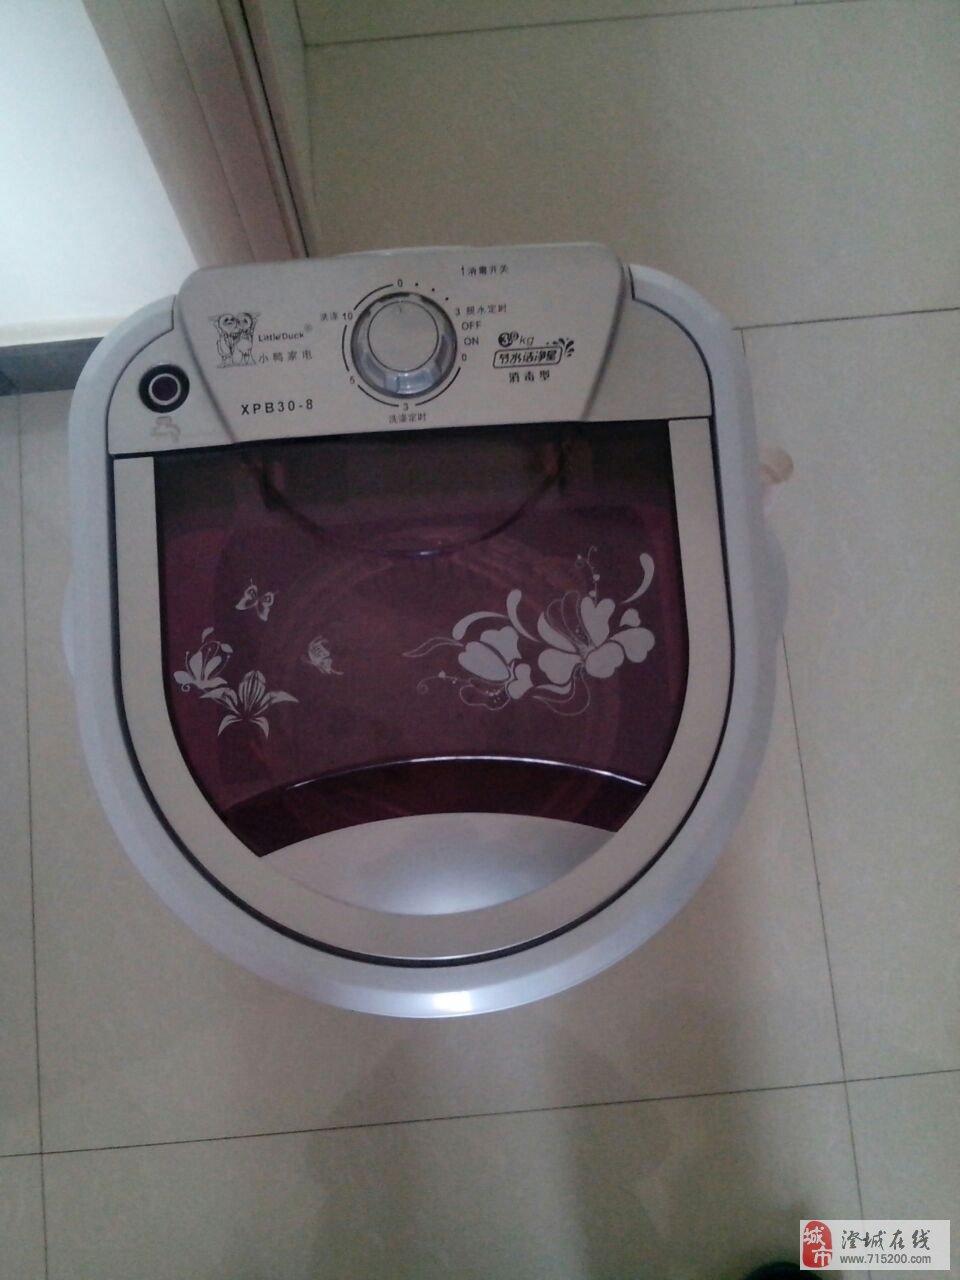 yy儿童洗衣机_澄城在线